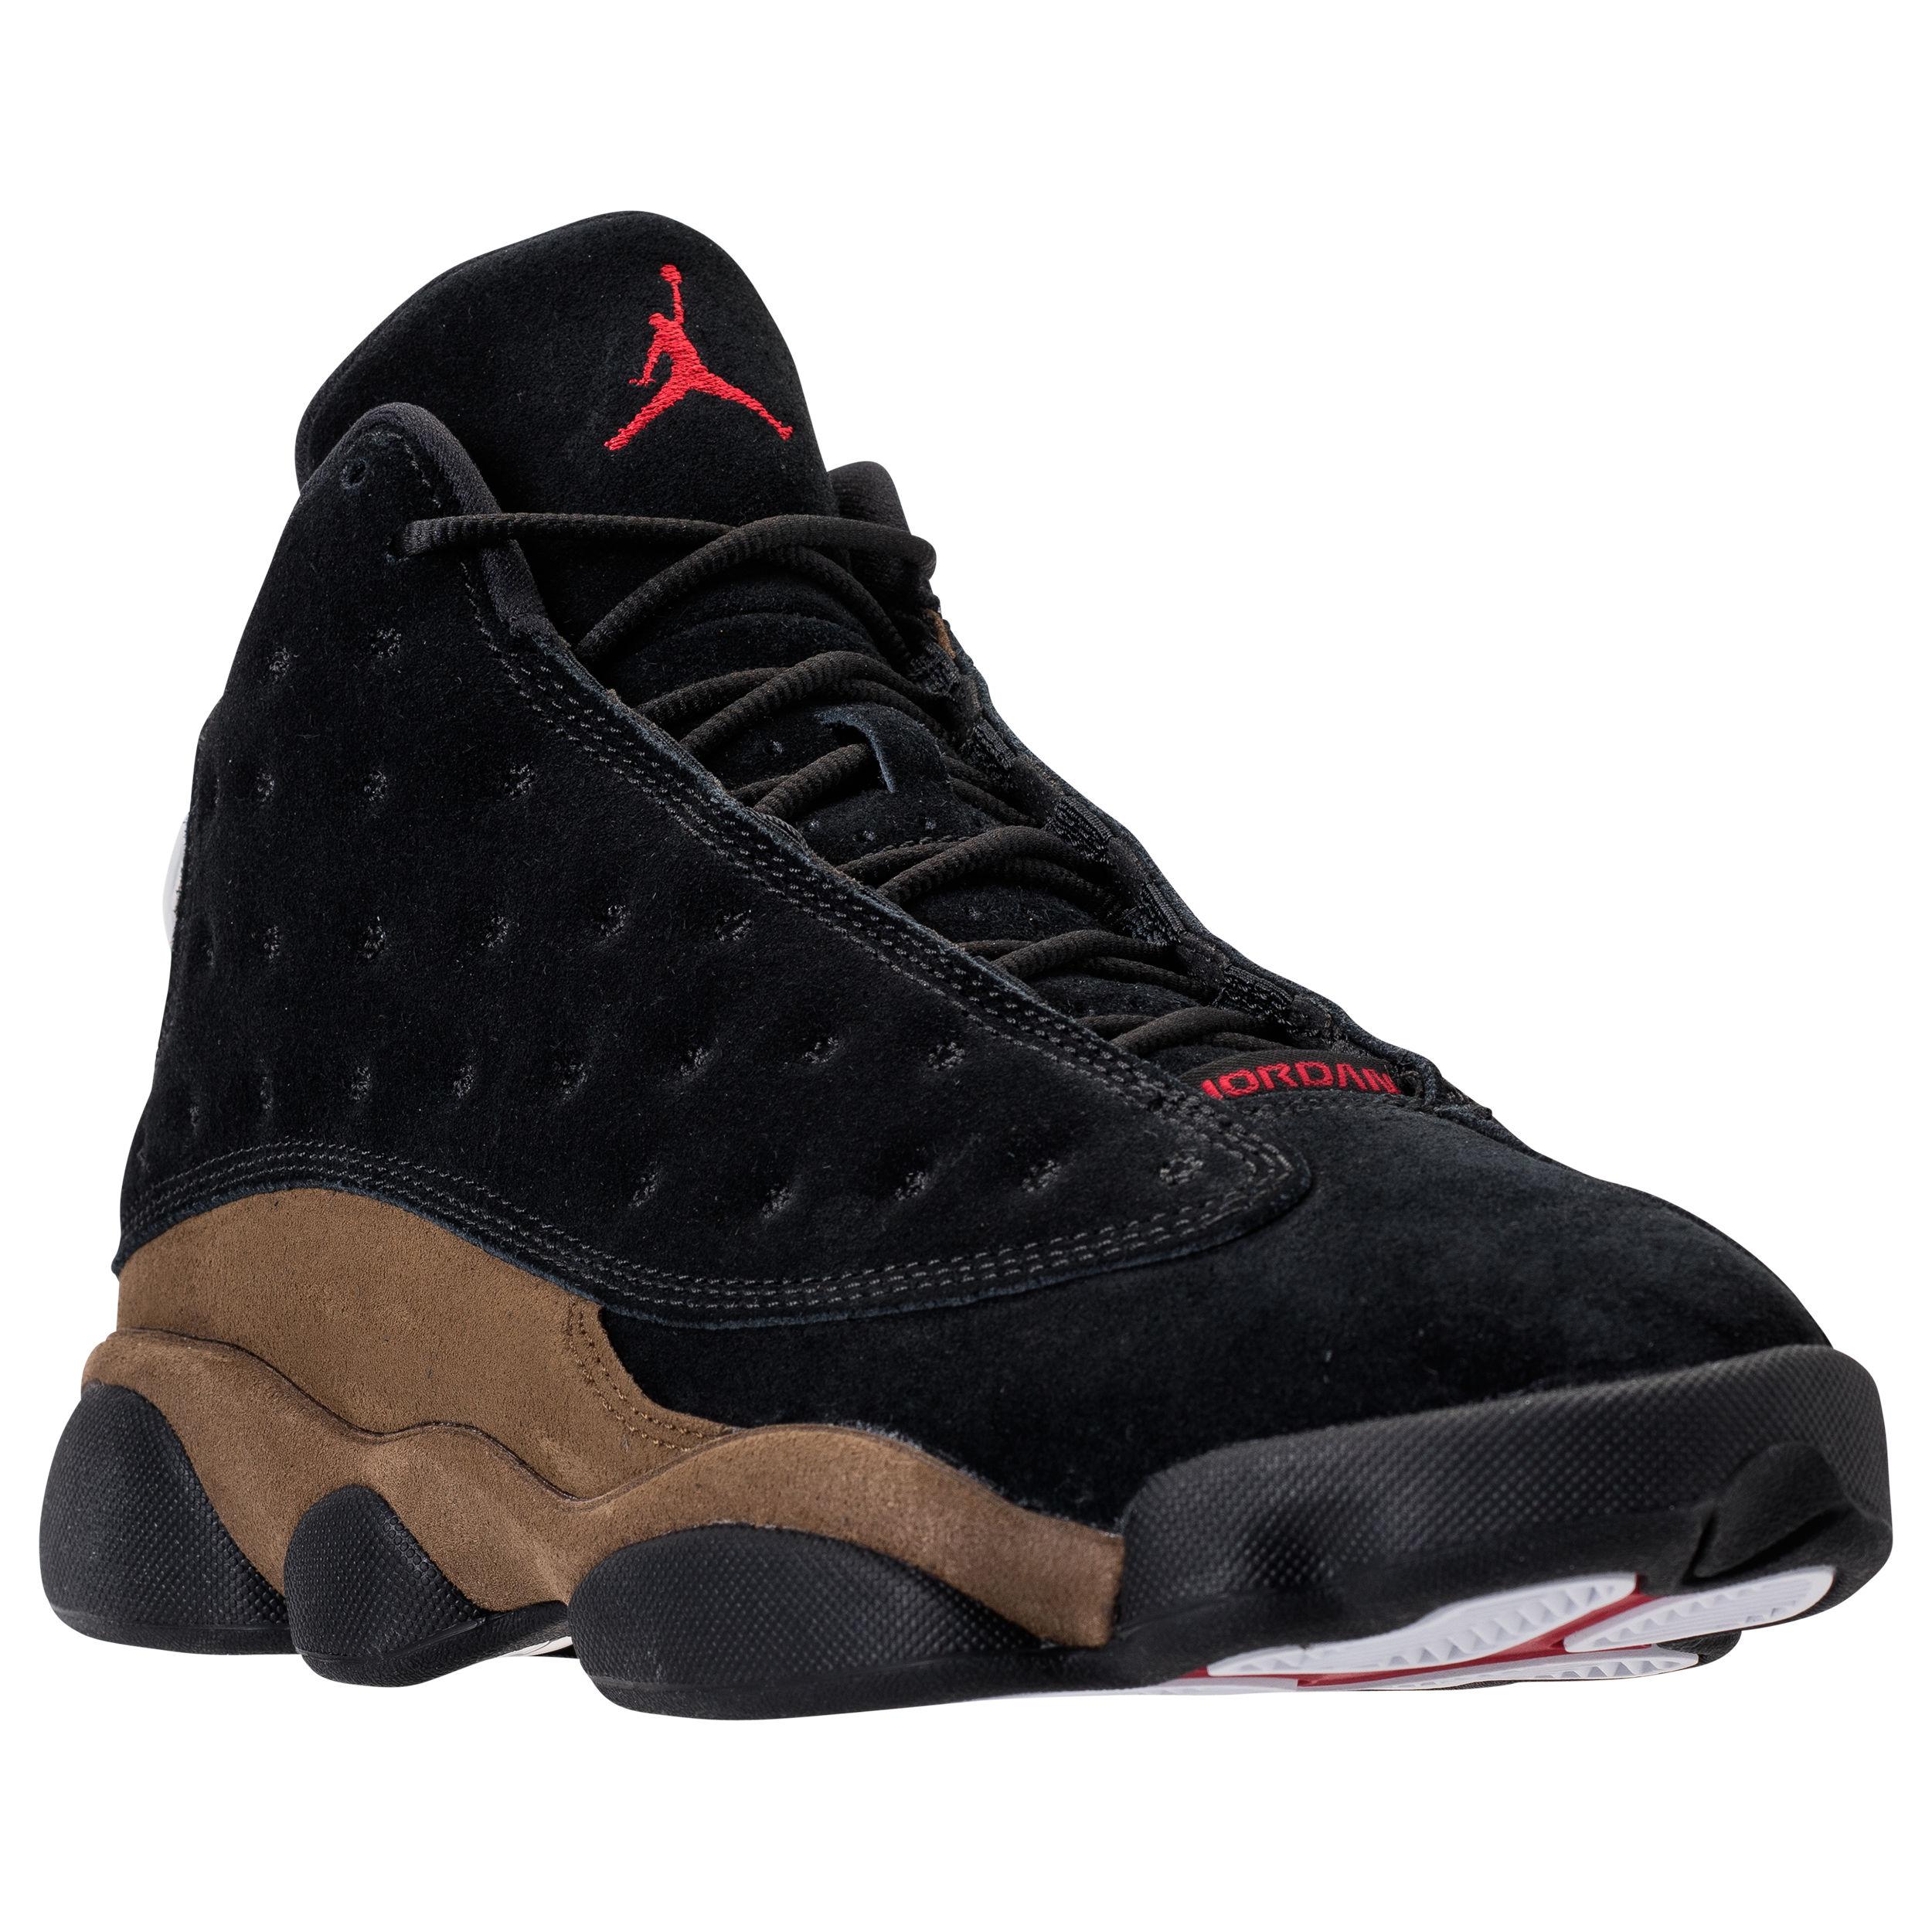 a121f8b42028 Tenis Nike Air Jordan 32